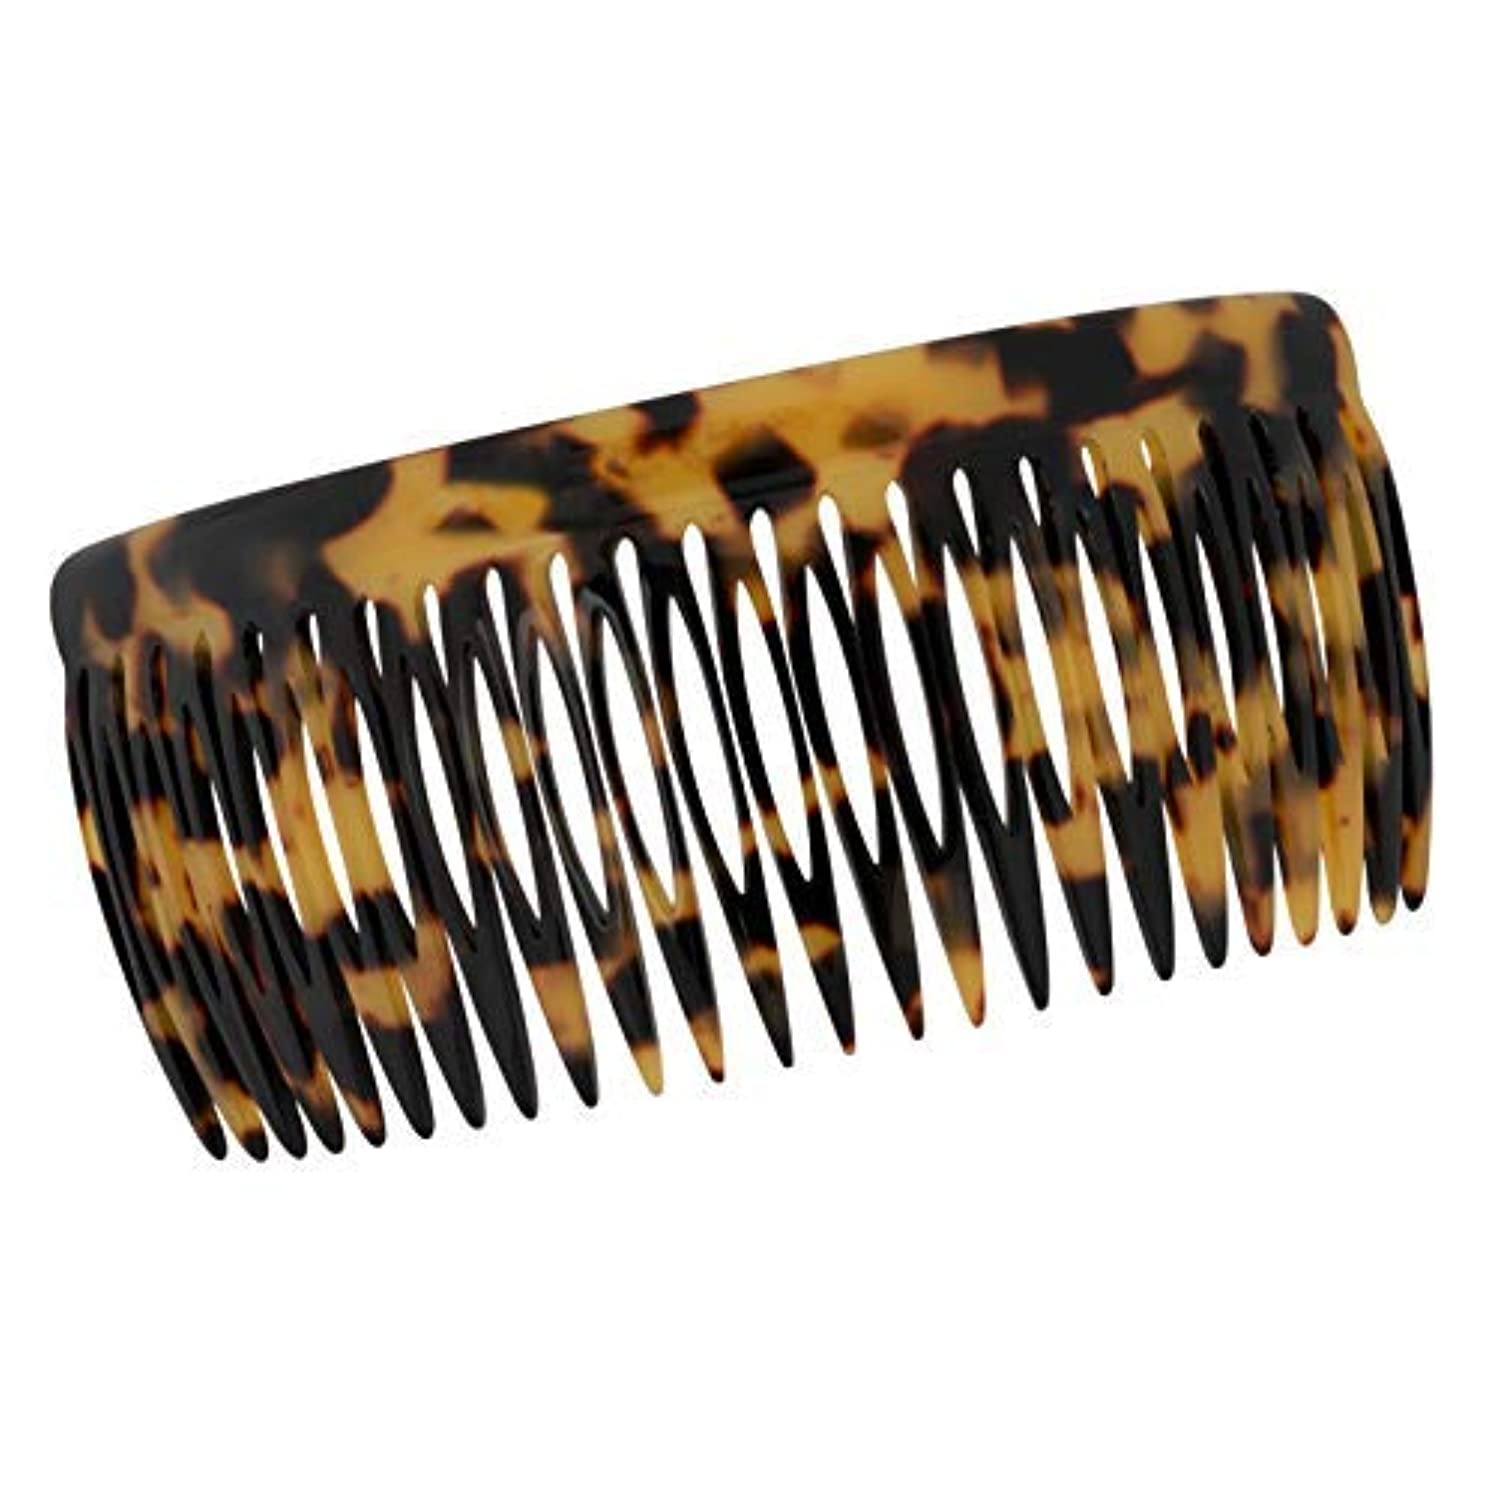 エンディング友だち一過性Charles J. Wahba Long Classic Long Side Comb - 24 Teeth - Handmade in France (Tokyo Tortoise Color) [並行輸入品]